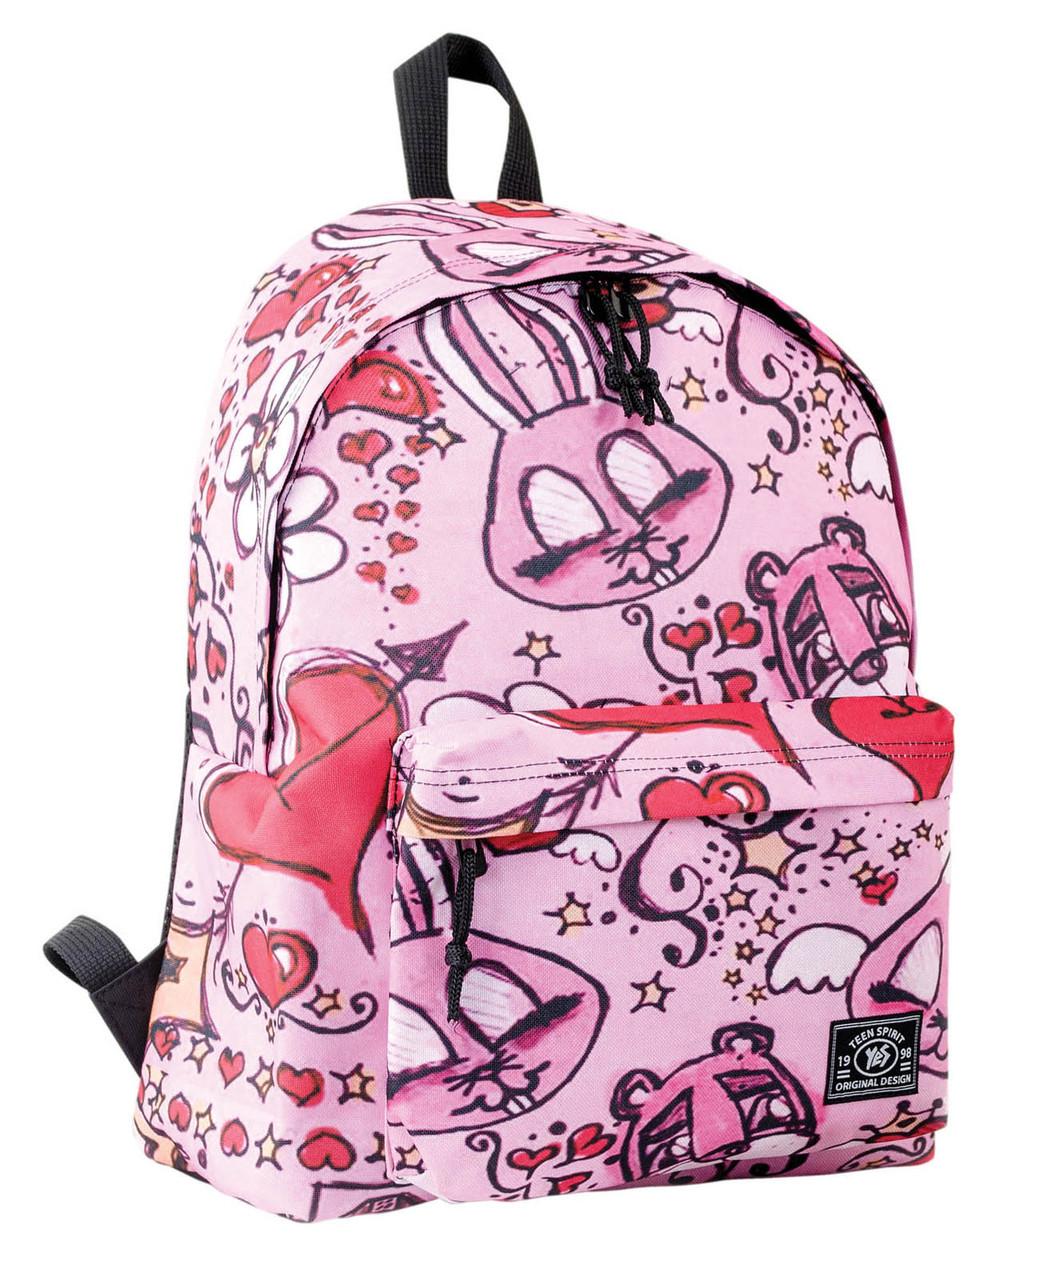 Рюкзак міський прогулянковий YES ST-15 Crazy 04, 31*41*14 код: 553962